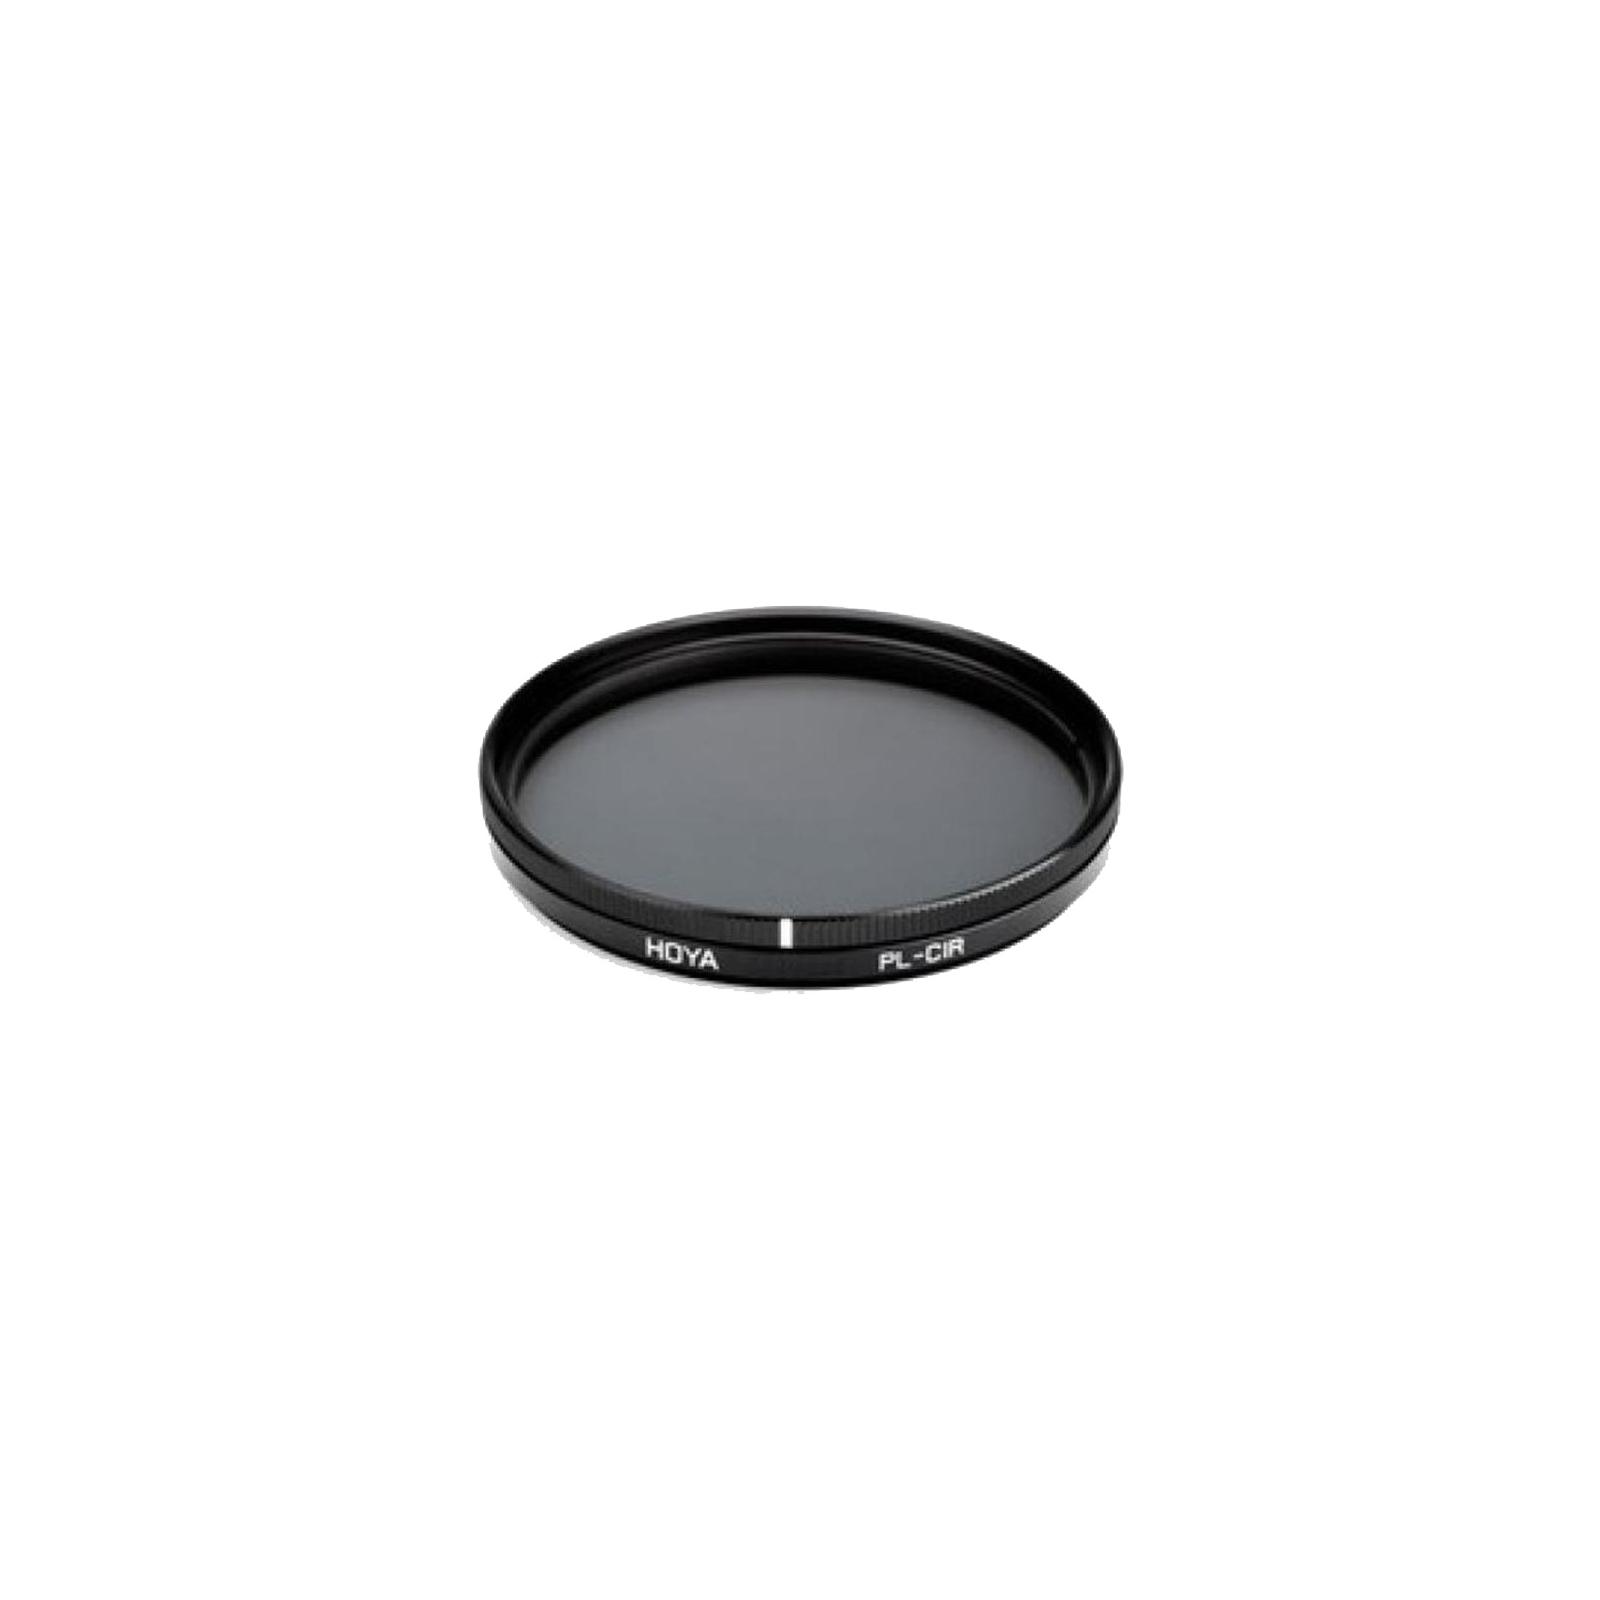 Светофильтр Hoya TEK Pol-Circ. 52mm (0024066520197)